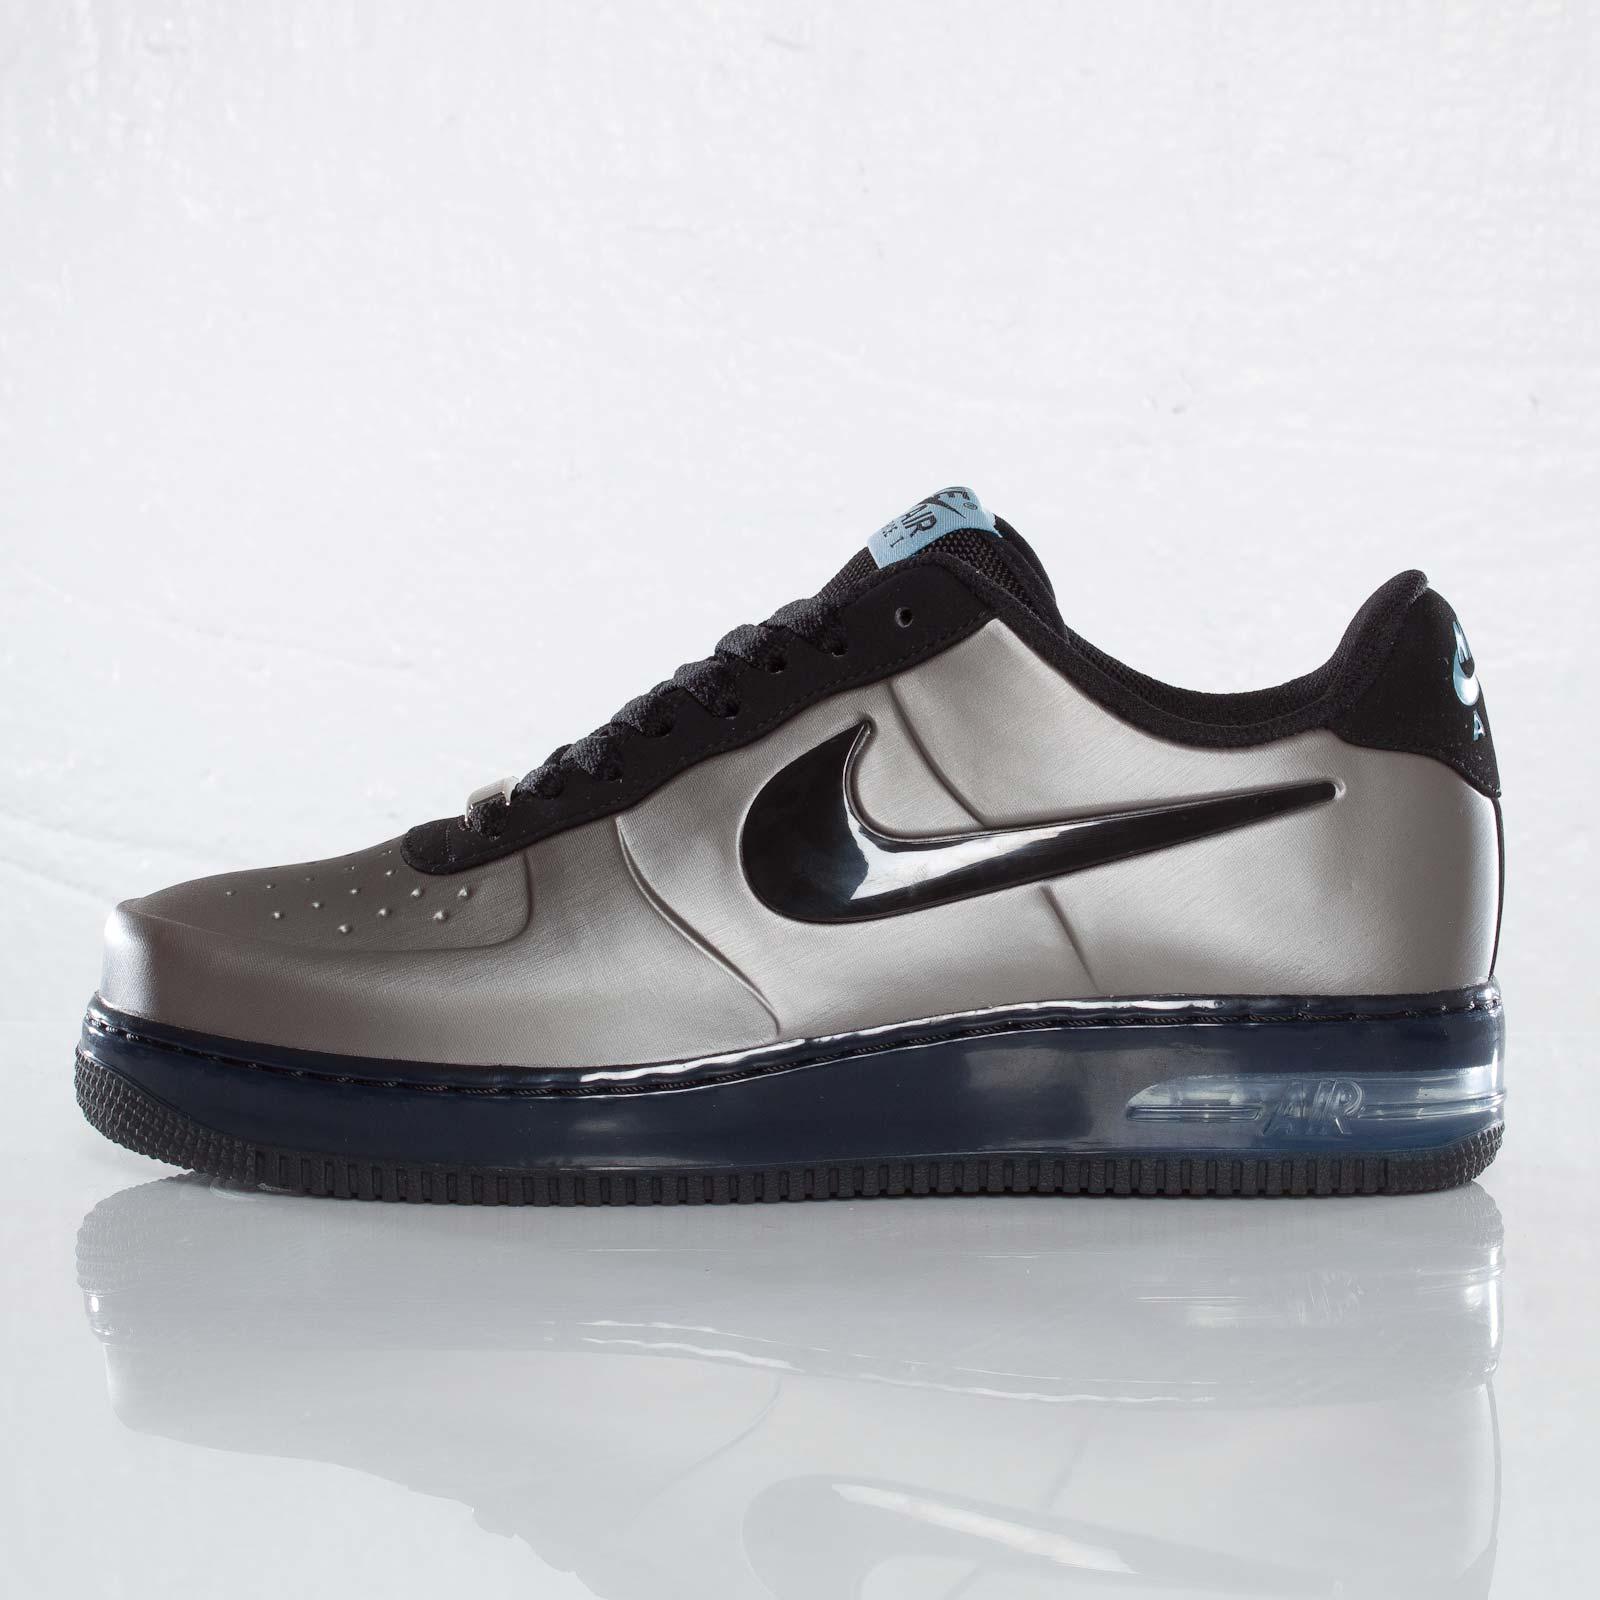 731b8b25421 Nike Air Force 1 Foamposite Pro Low - 532461-001 - Sneakersnstuff ...